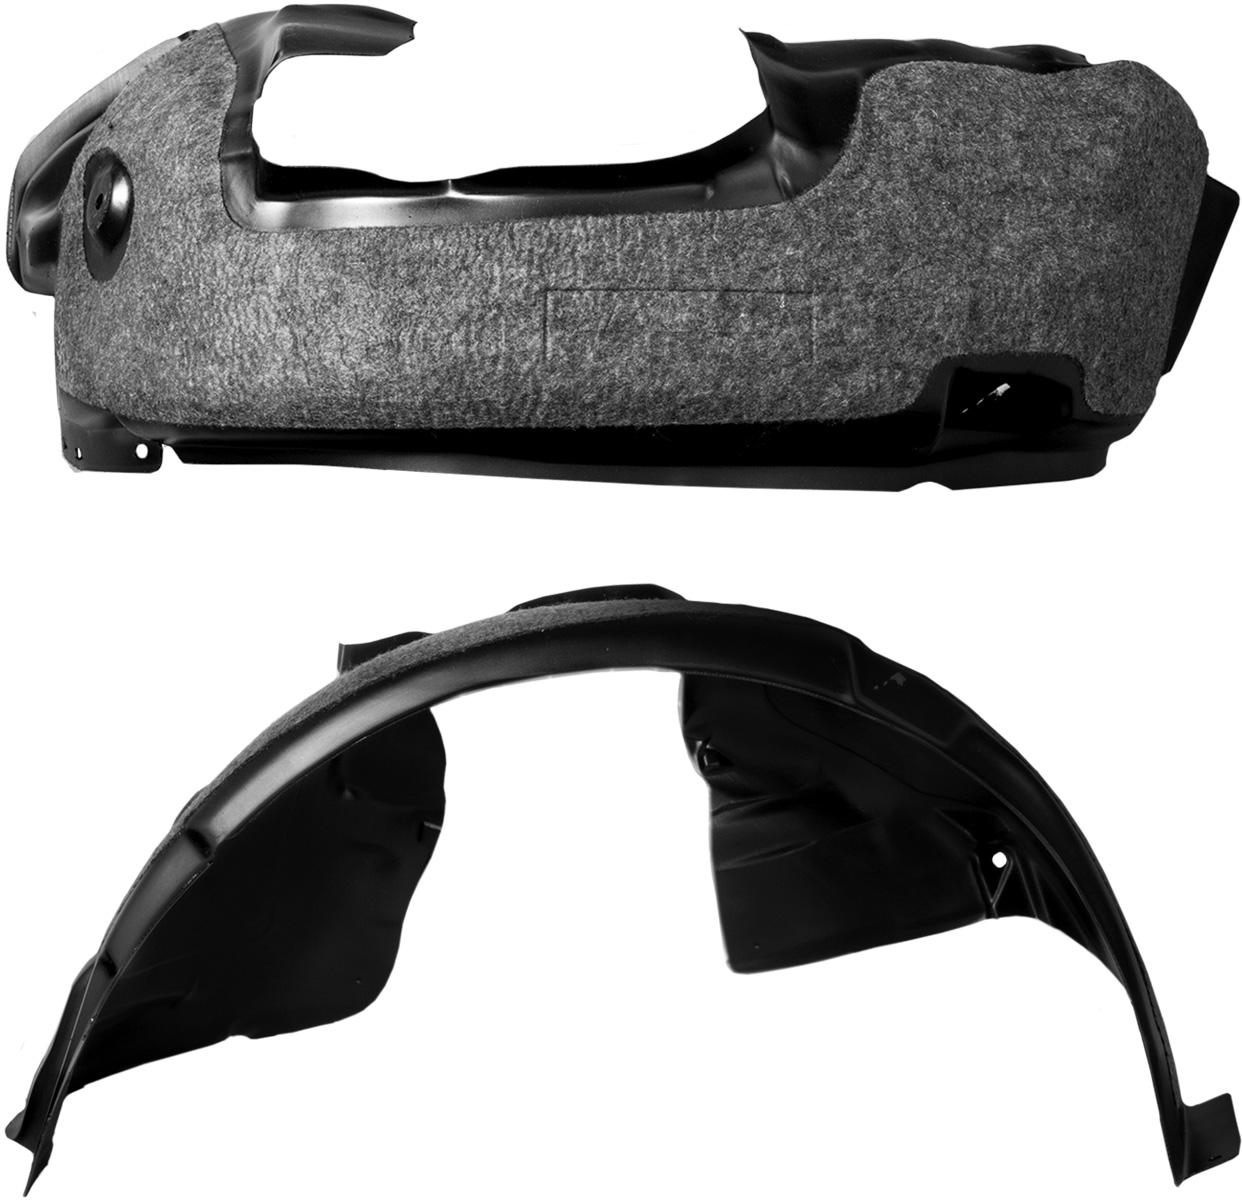 Подкрылок с шумоизоляцией Novline-Autofamily, для Nissan Teana седан, 03/2014 -> (передний левый)1004900000360Подкрылок с шумоизоляцией - революционный продукт, совмещающий в себе все достоинства обычного подкрылка, и в то же время являющийся одним из наиболее эффективных средств борьбы с внешним шумом в салоне автомобиля. Подкрылки бренда Novline-Autofamily разрабатываются индивидуально для каждого автомобиля с использованием метода 3D-сканирования.В качестве шумоизолирующего слоя применяется легкое синтетическое нетканое полотно толщиной 10 мм, которое отталкивает влагу, сохраняет свои шумоизоляционные свойства на протяжении всего периода эксплуатации.Подкрылки с шумоизоляцией не имеют эксплуатационных ограничений и устанавливаются один раз на весь срок службы автомобиля.Подкрылки с шумоизоляцией не имеют аналогов и являются российским изобретением, получившим признание во всём мире. Уважаемые клиенты! Обращаем ваше внимание, фото может не полностью соответствовать оригиналу.